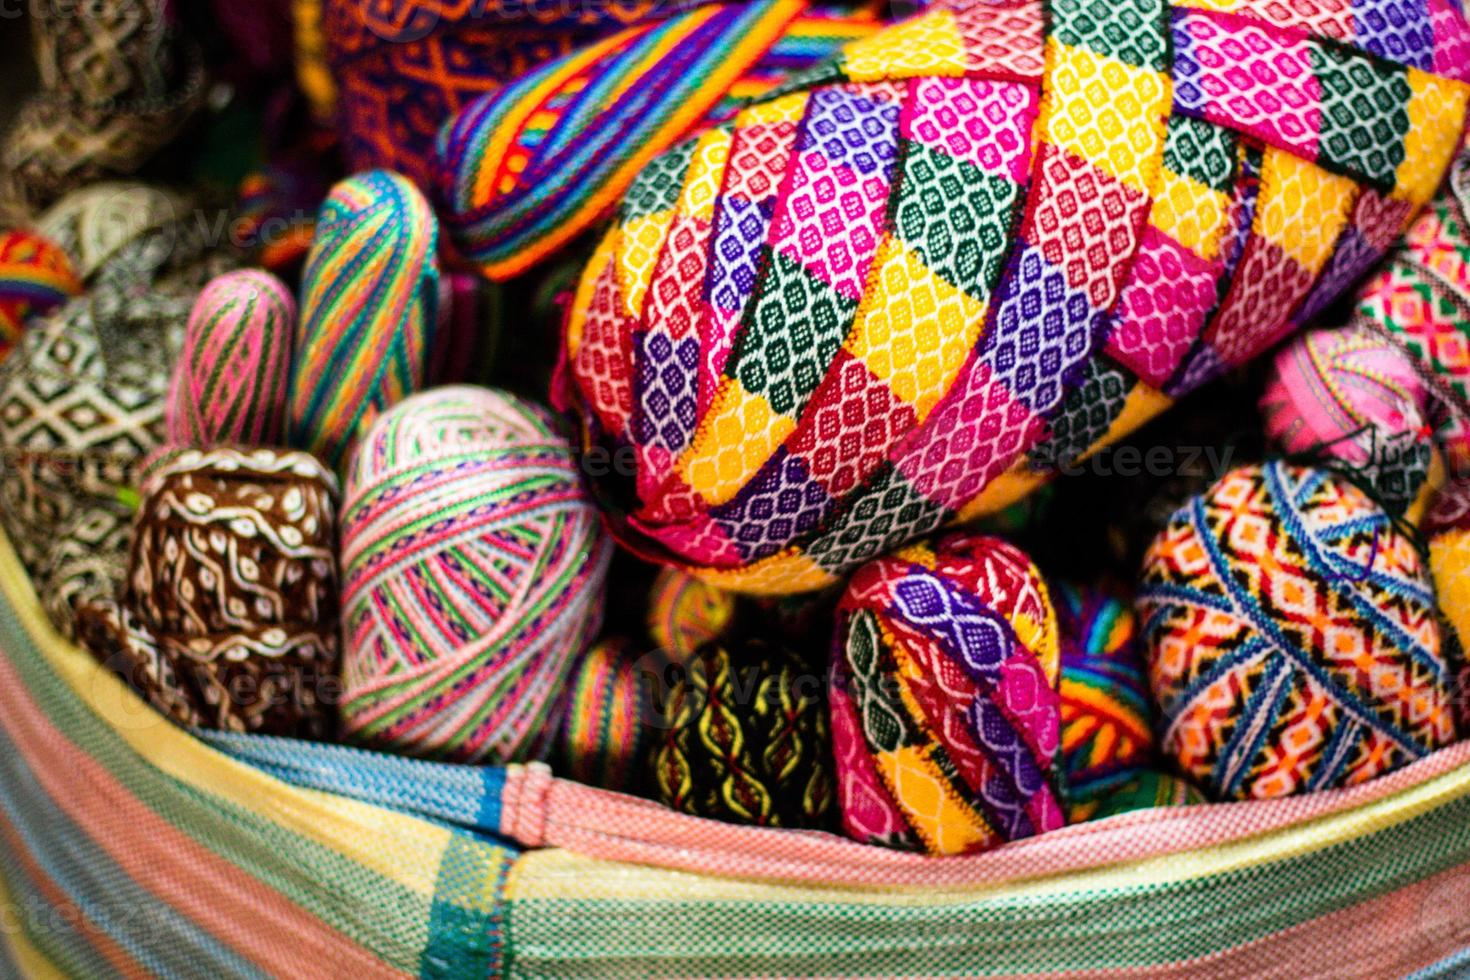 tessuto colorato al mercato in Perù, sud america foto